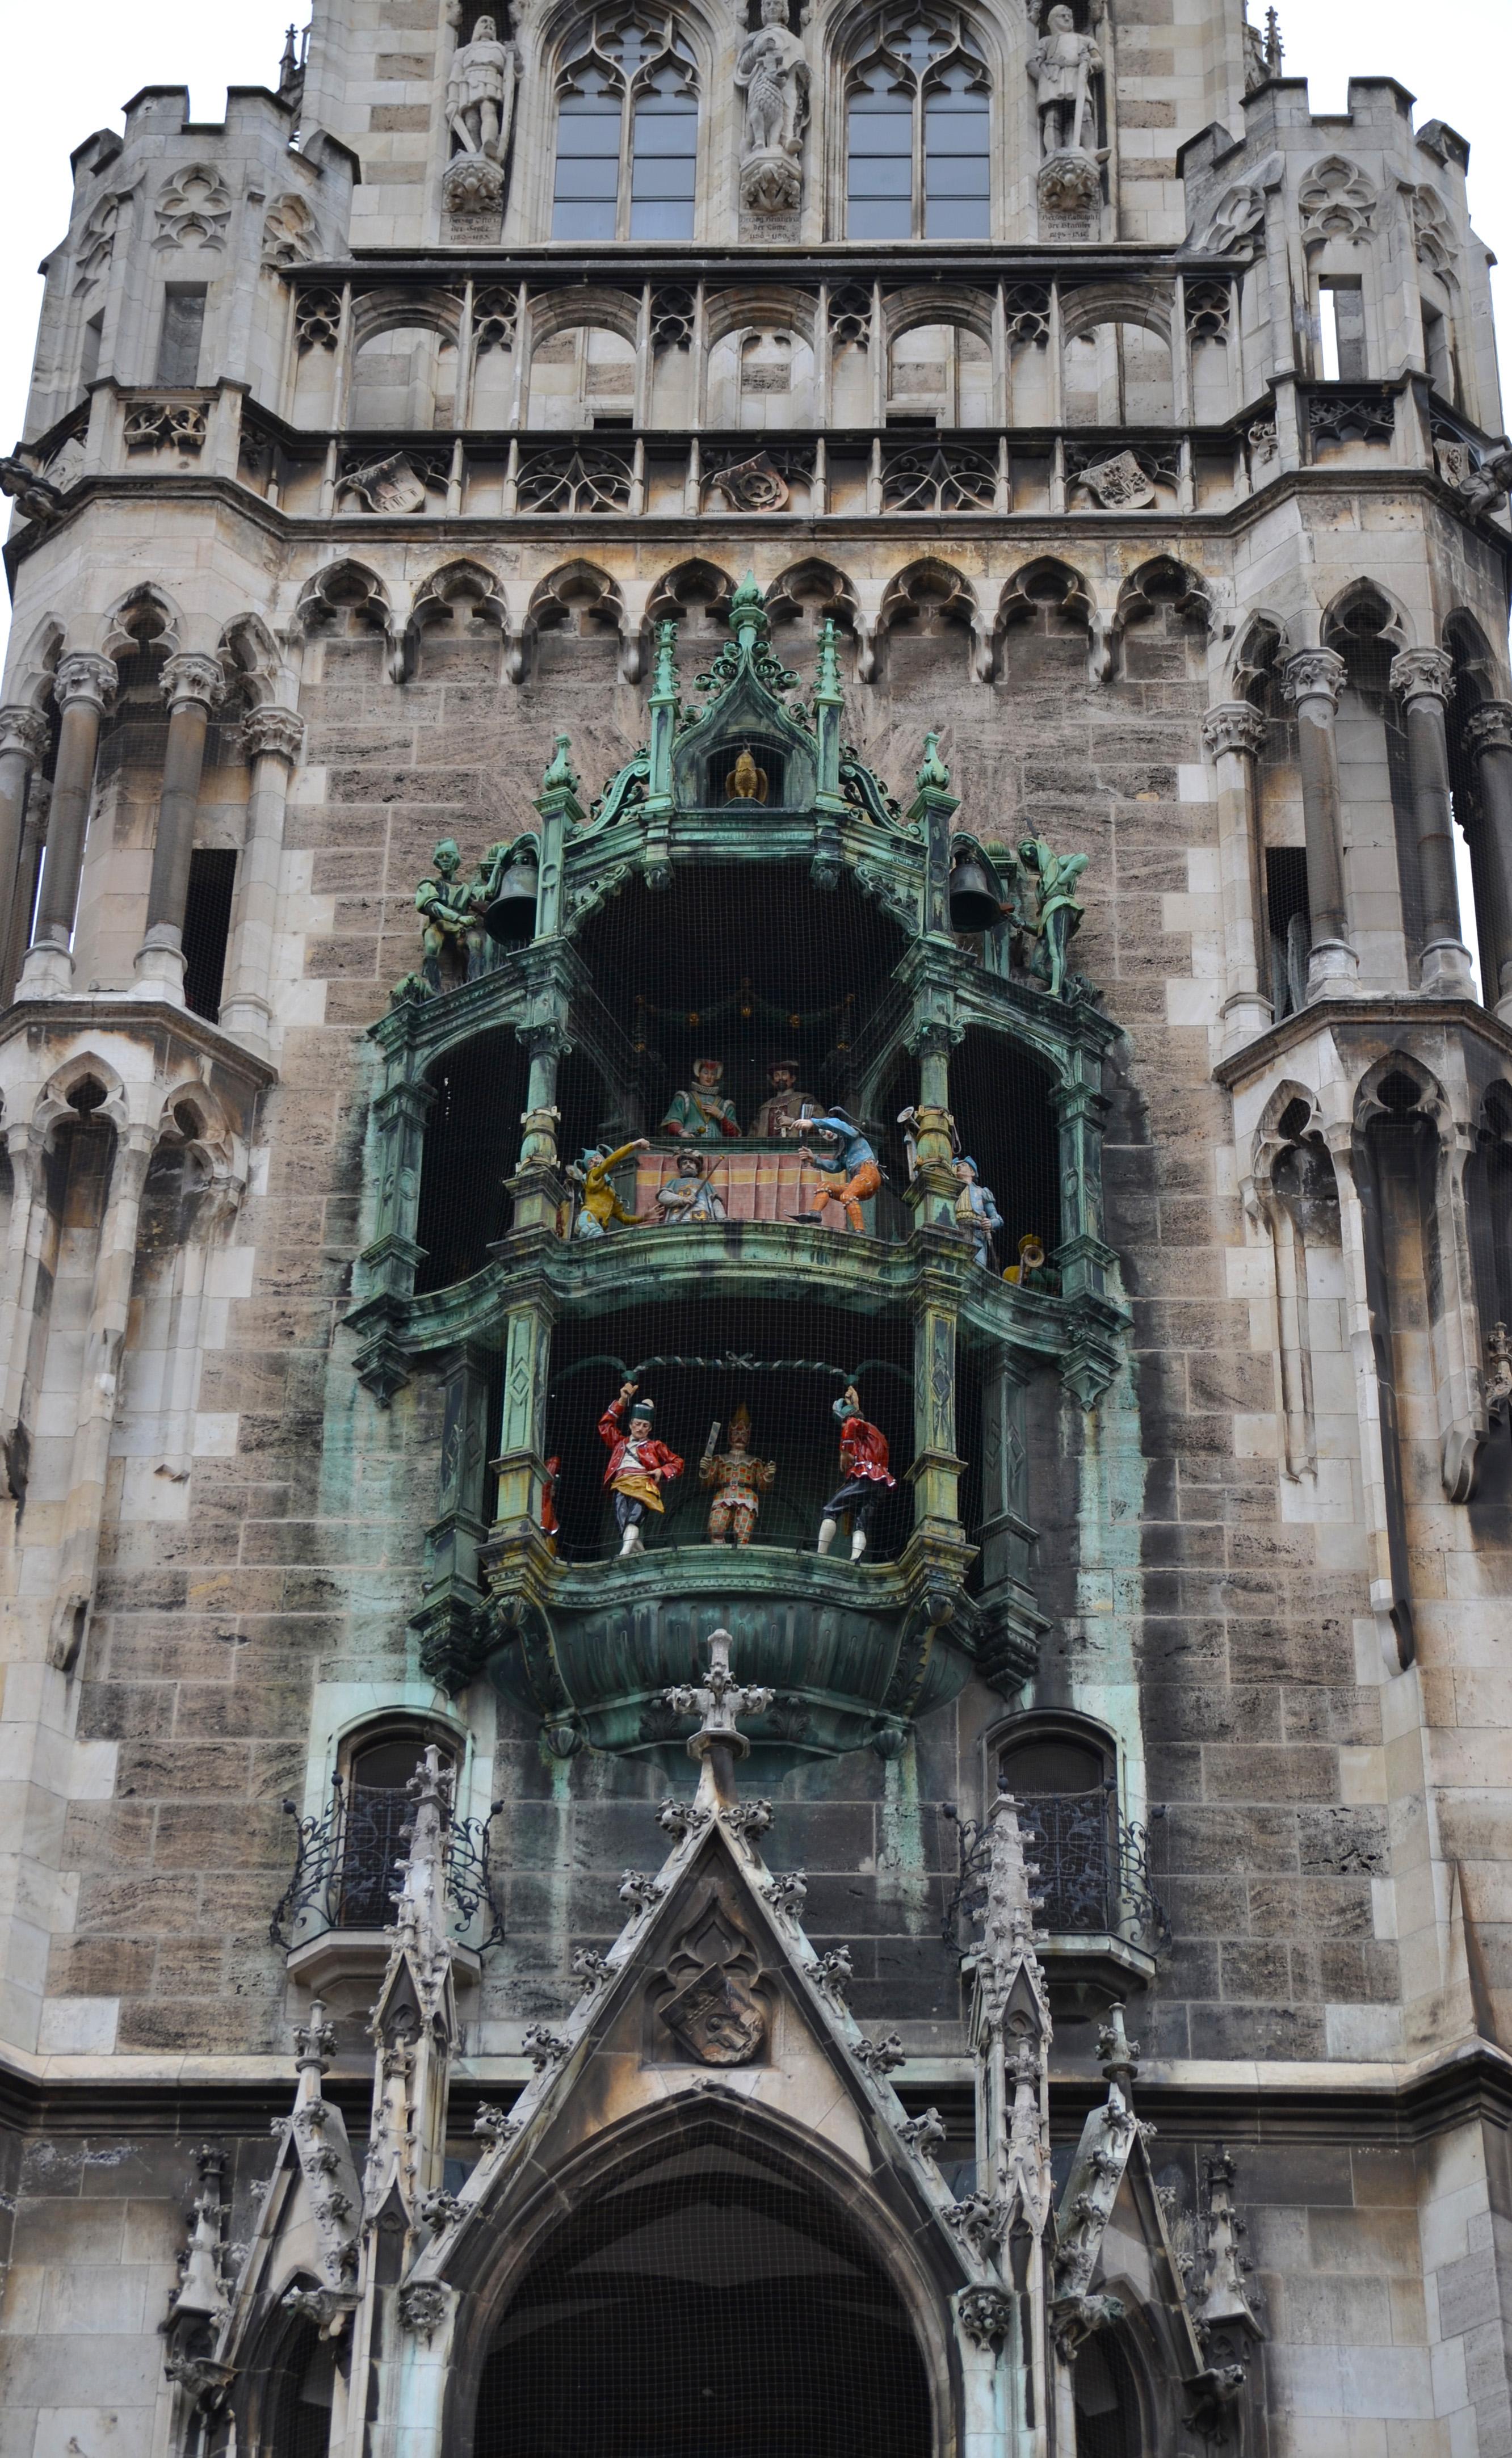 Neues Rathaus Glockenspiel